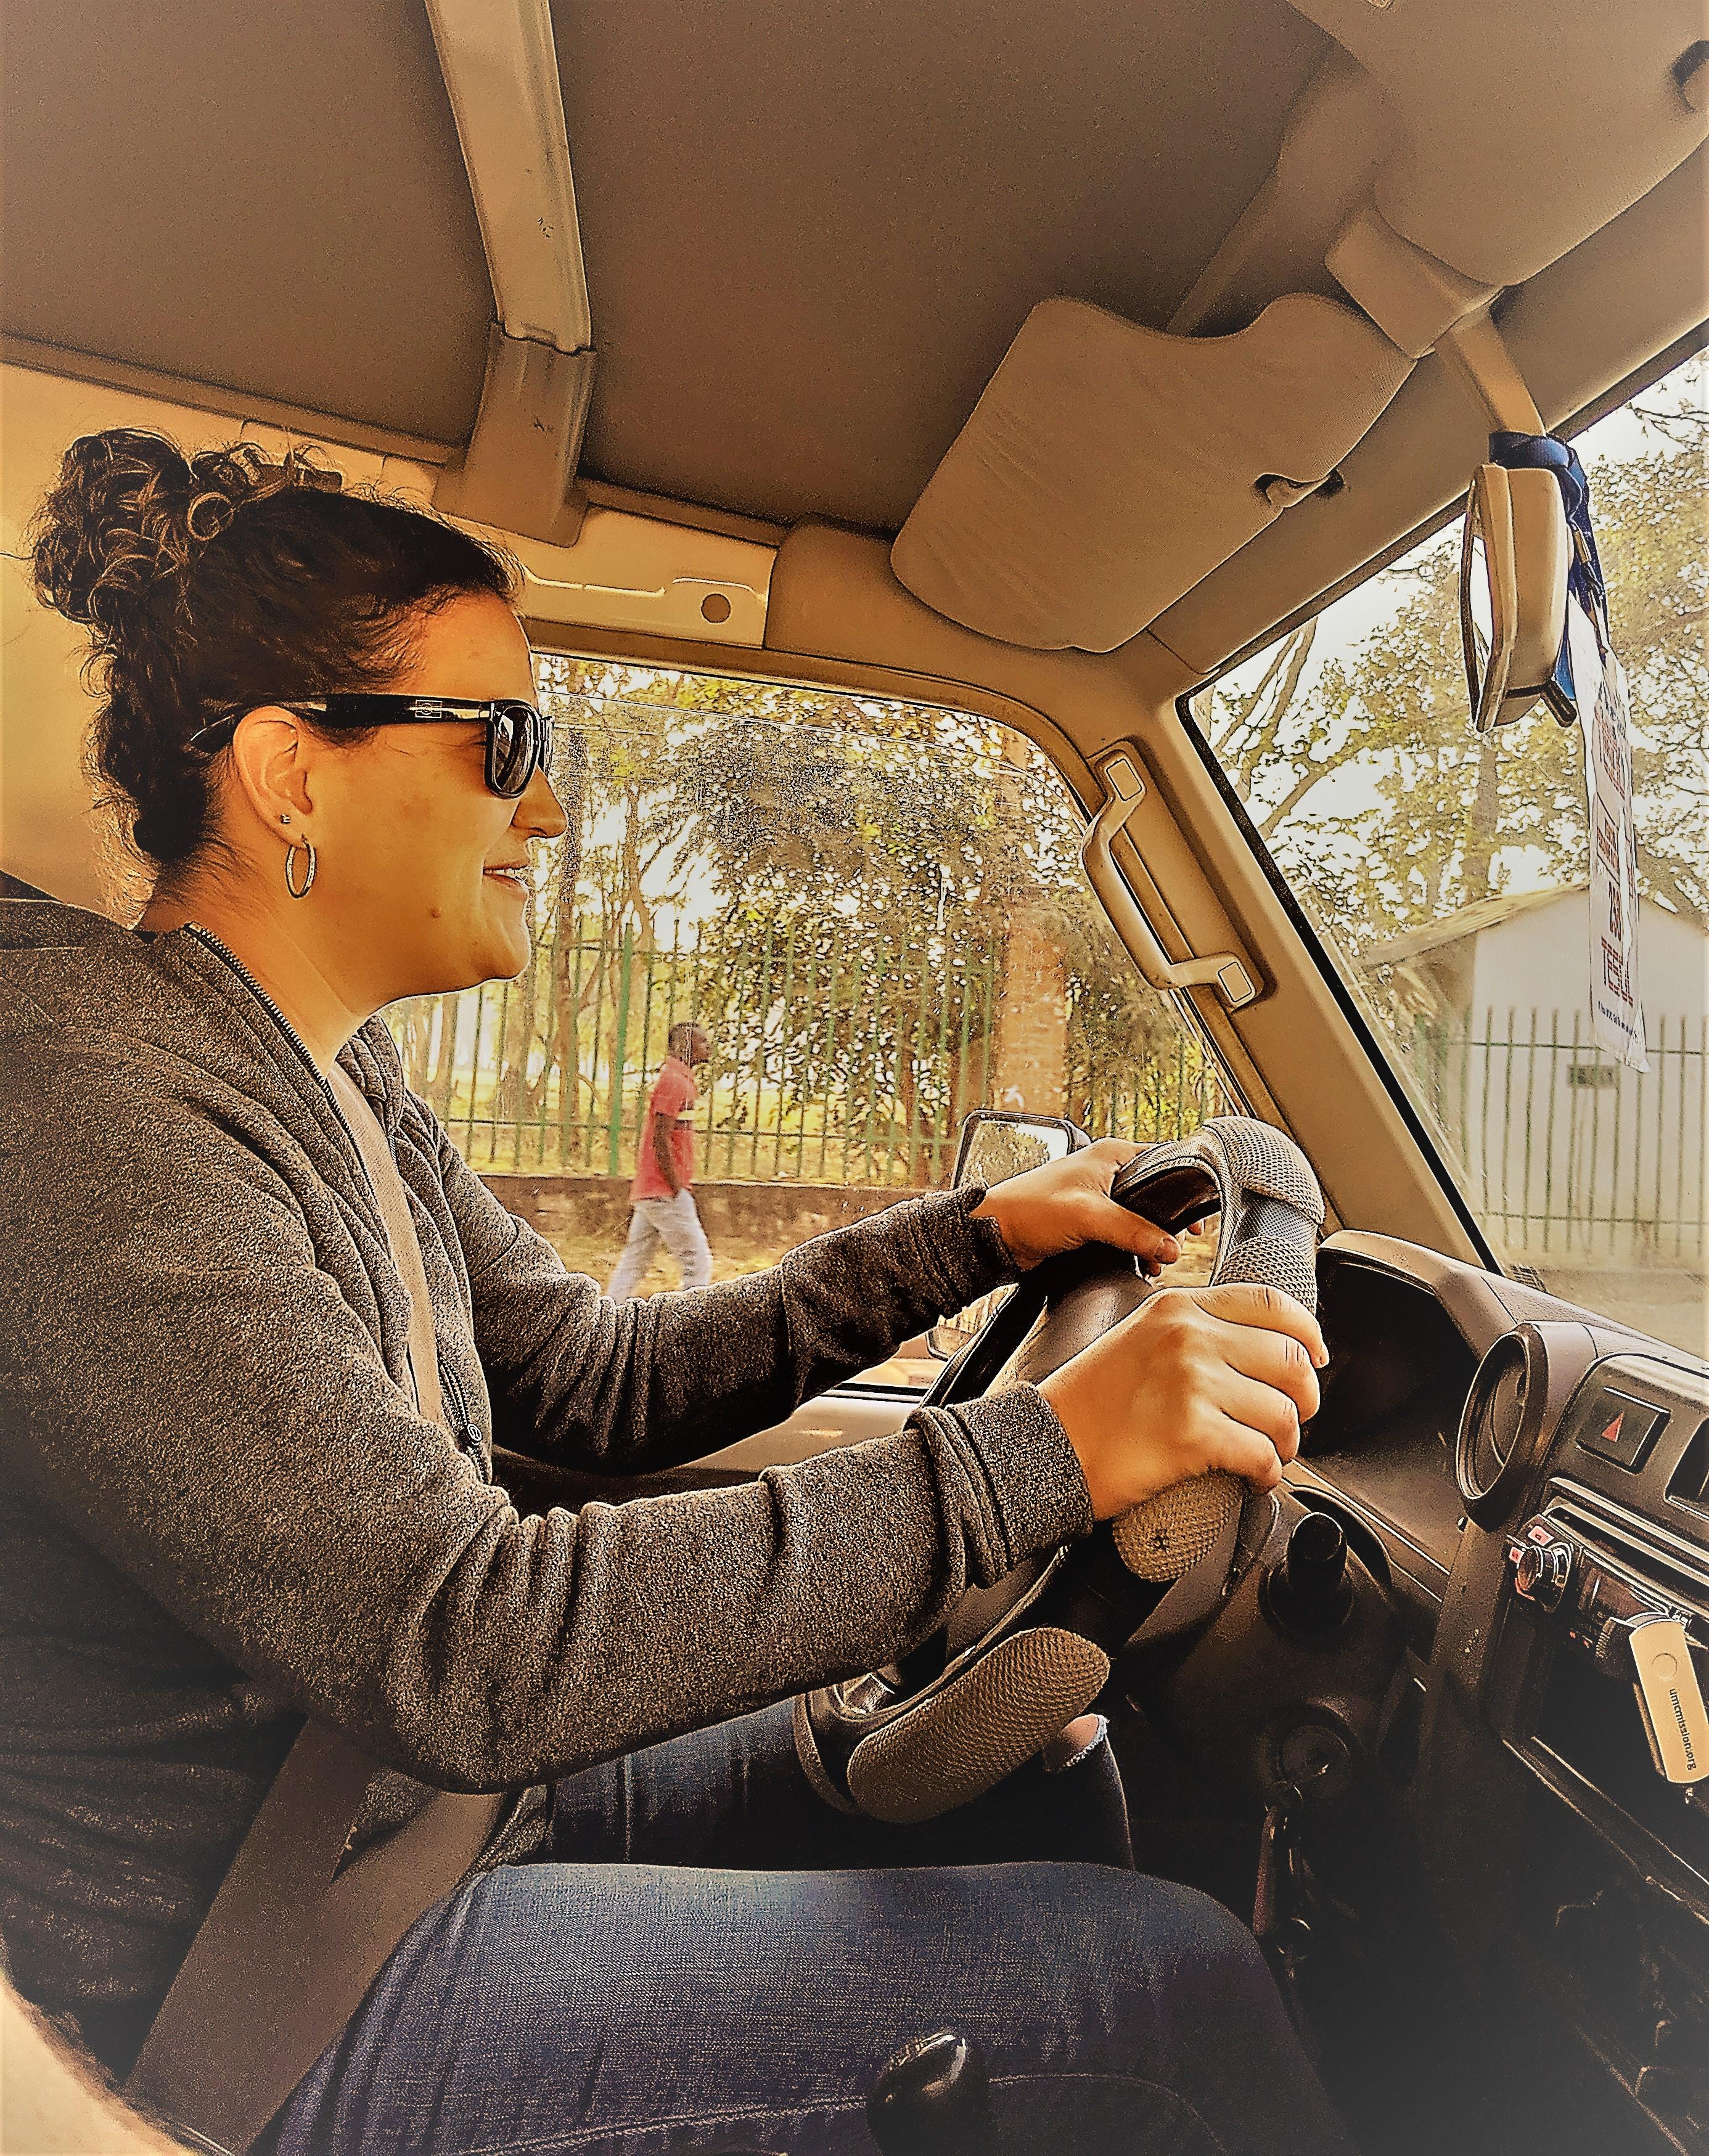 renee driving- funky